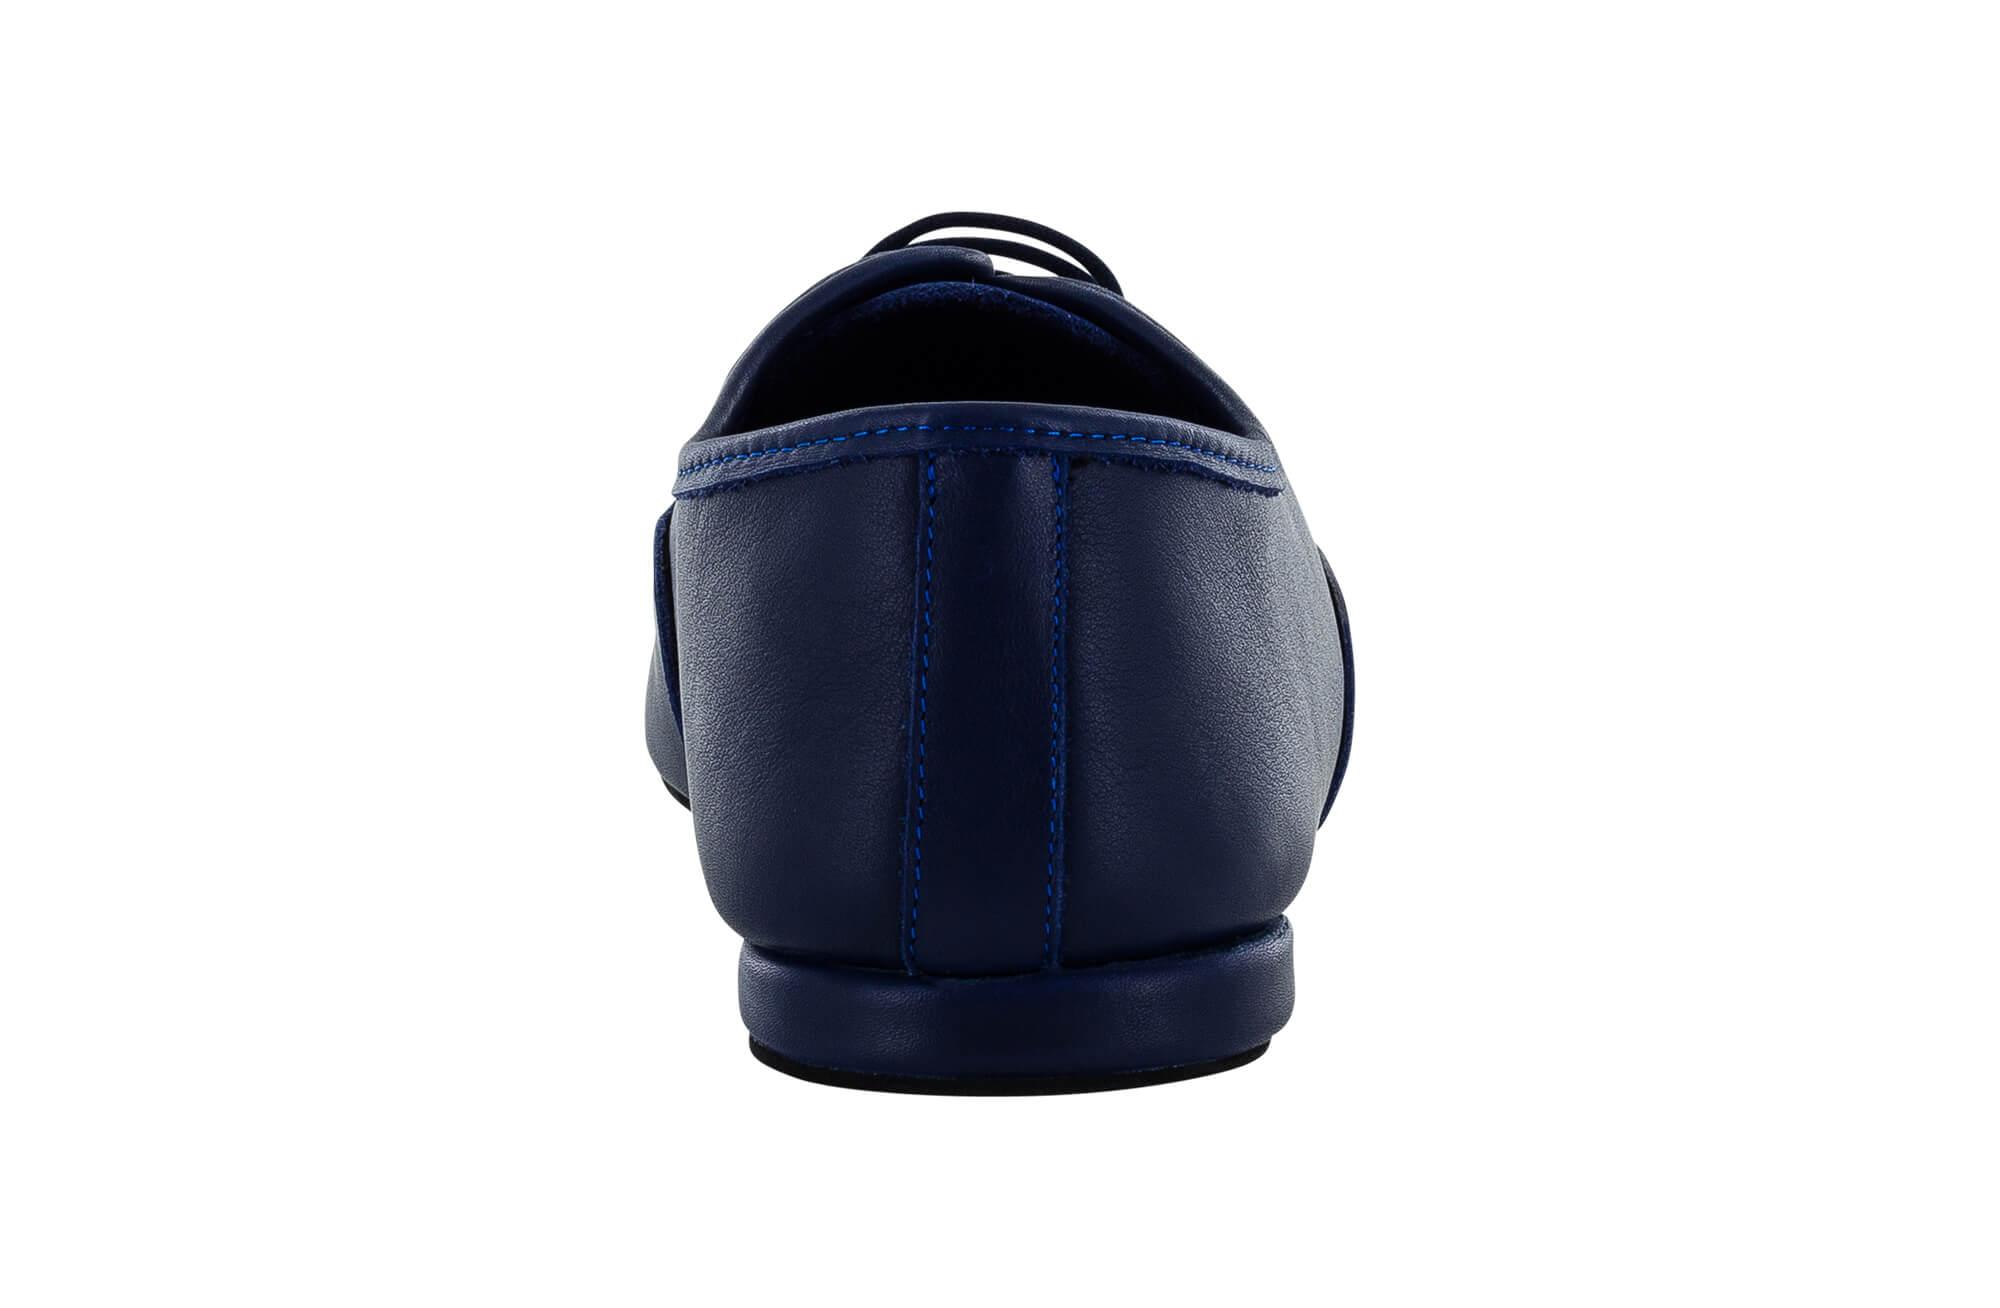 Scarpa Da Ballo Jazz In Pelle Blu Con Suola Smezzata Superflex Drs By Vibram Tacco 1 Cm Back